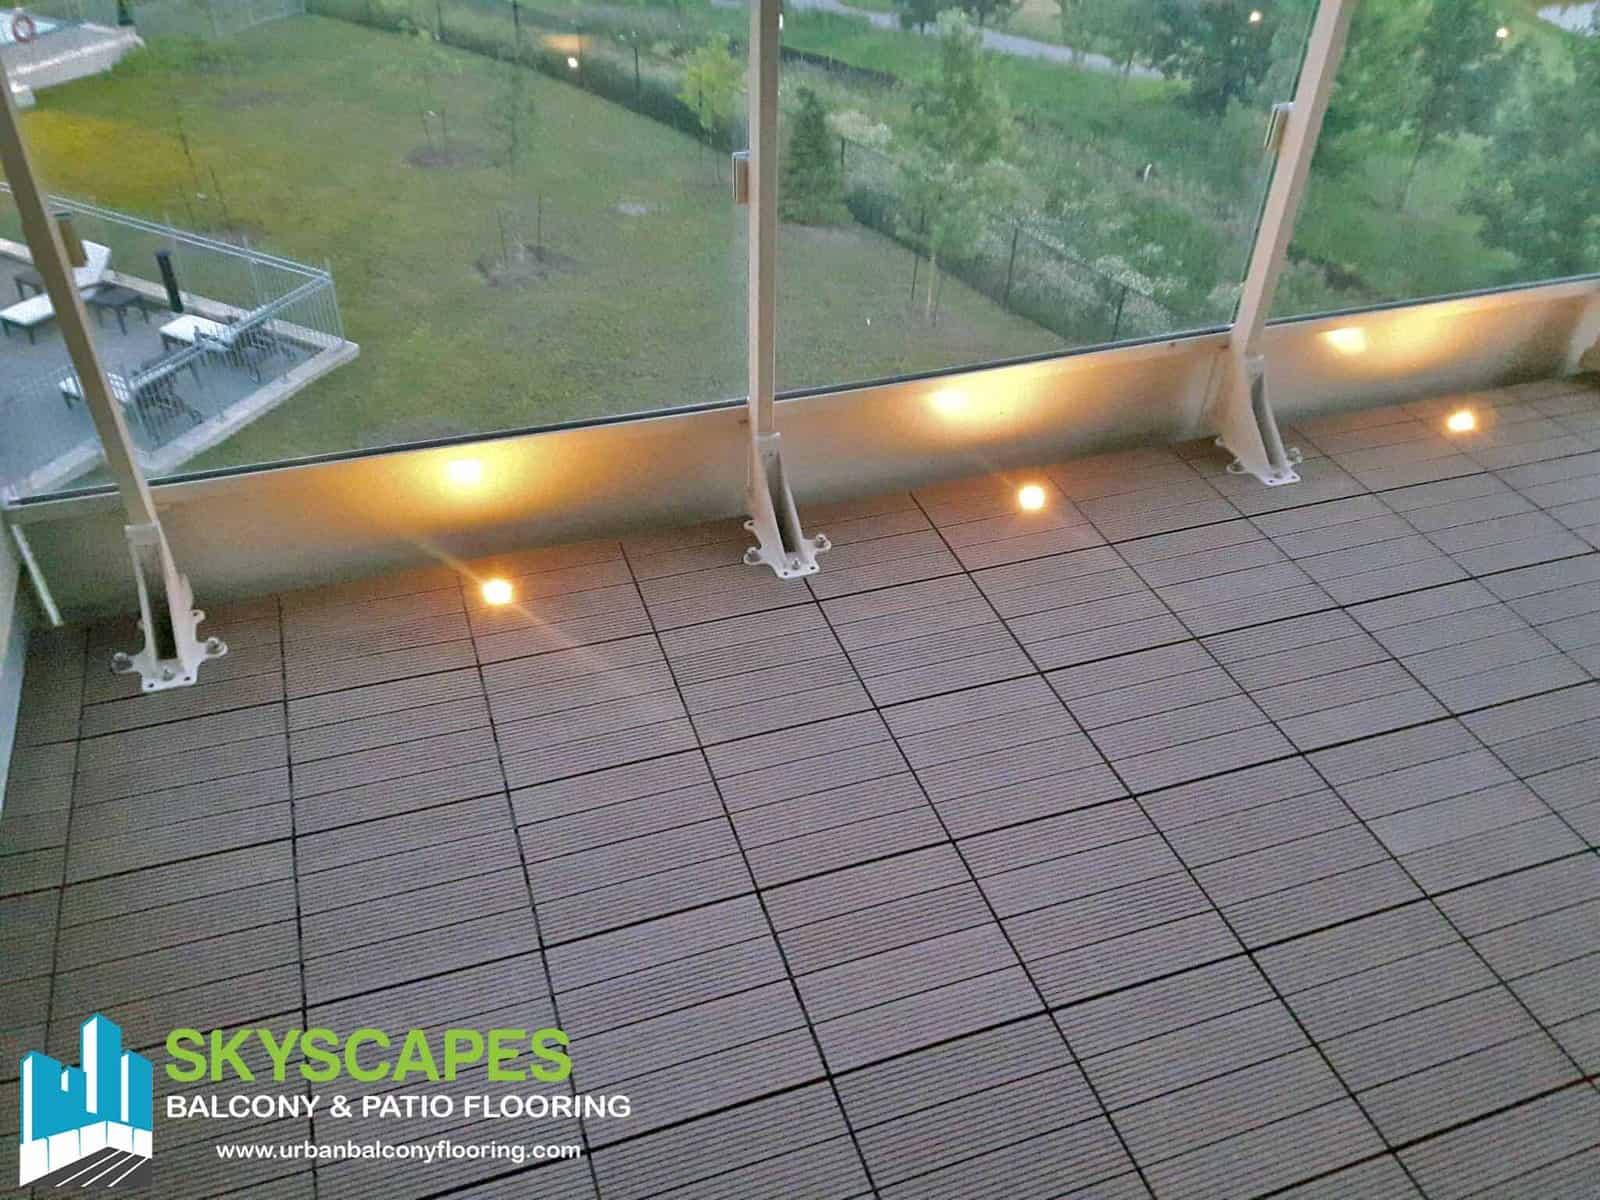 wpc deck tiles balcony flooring toronto